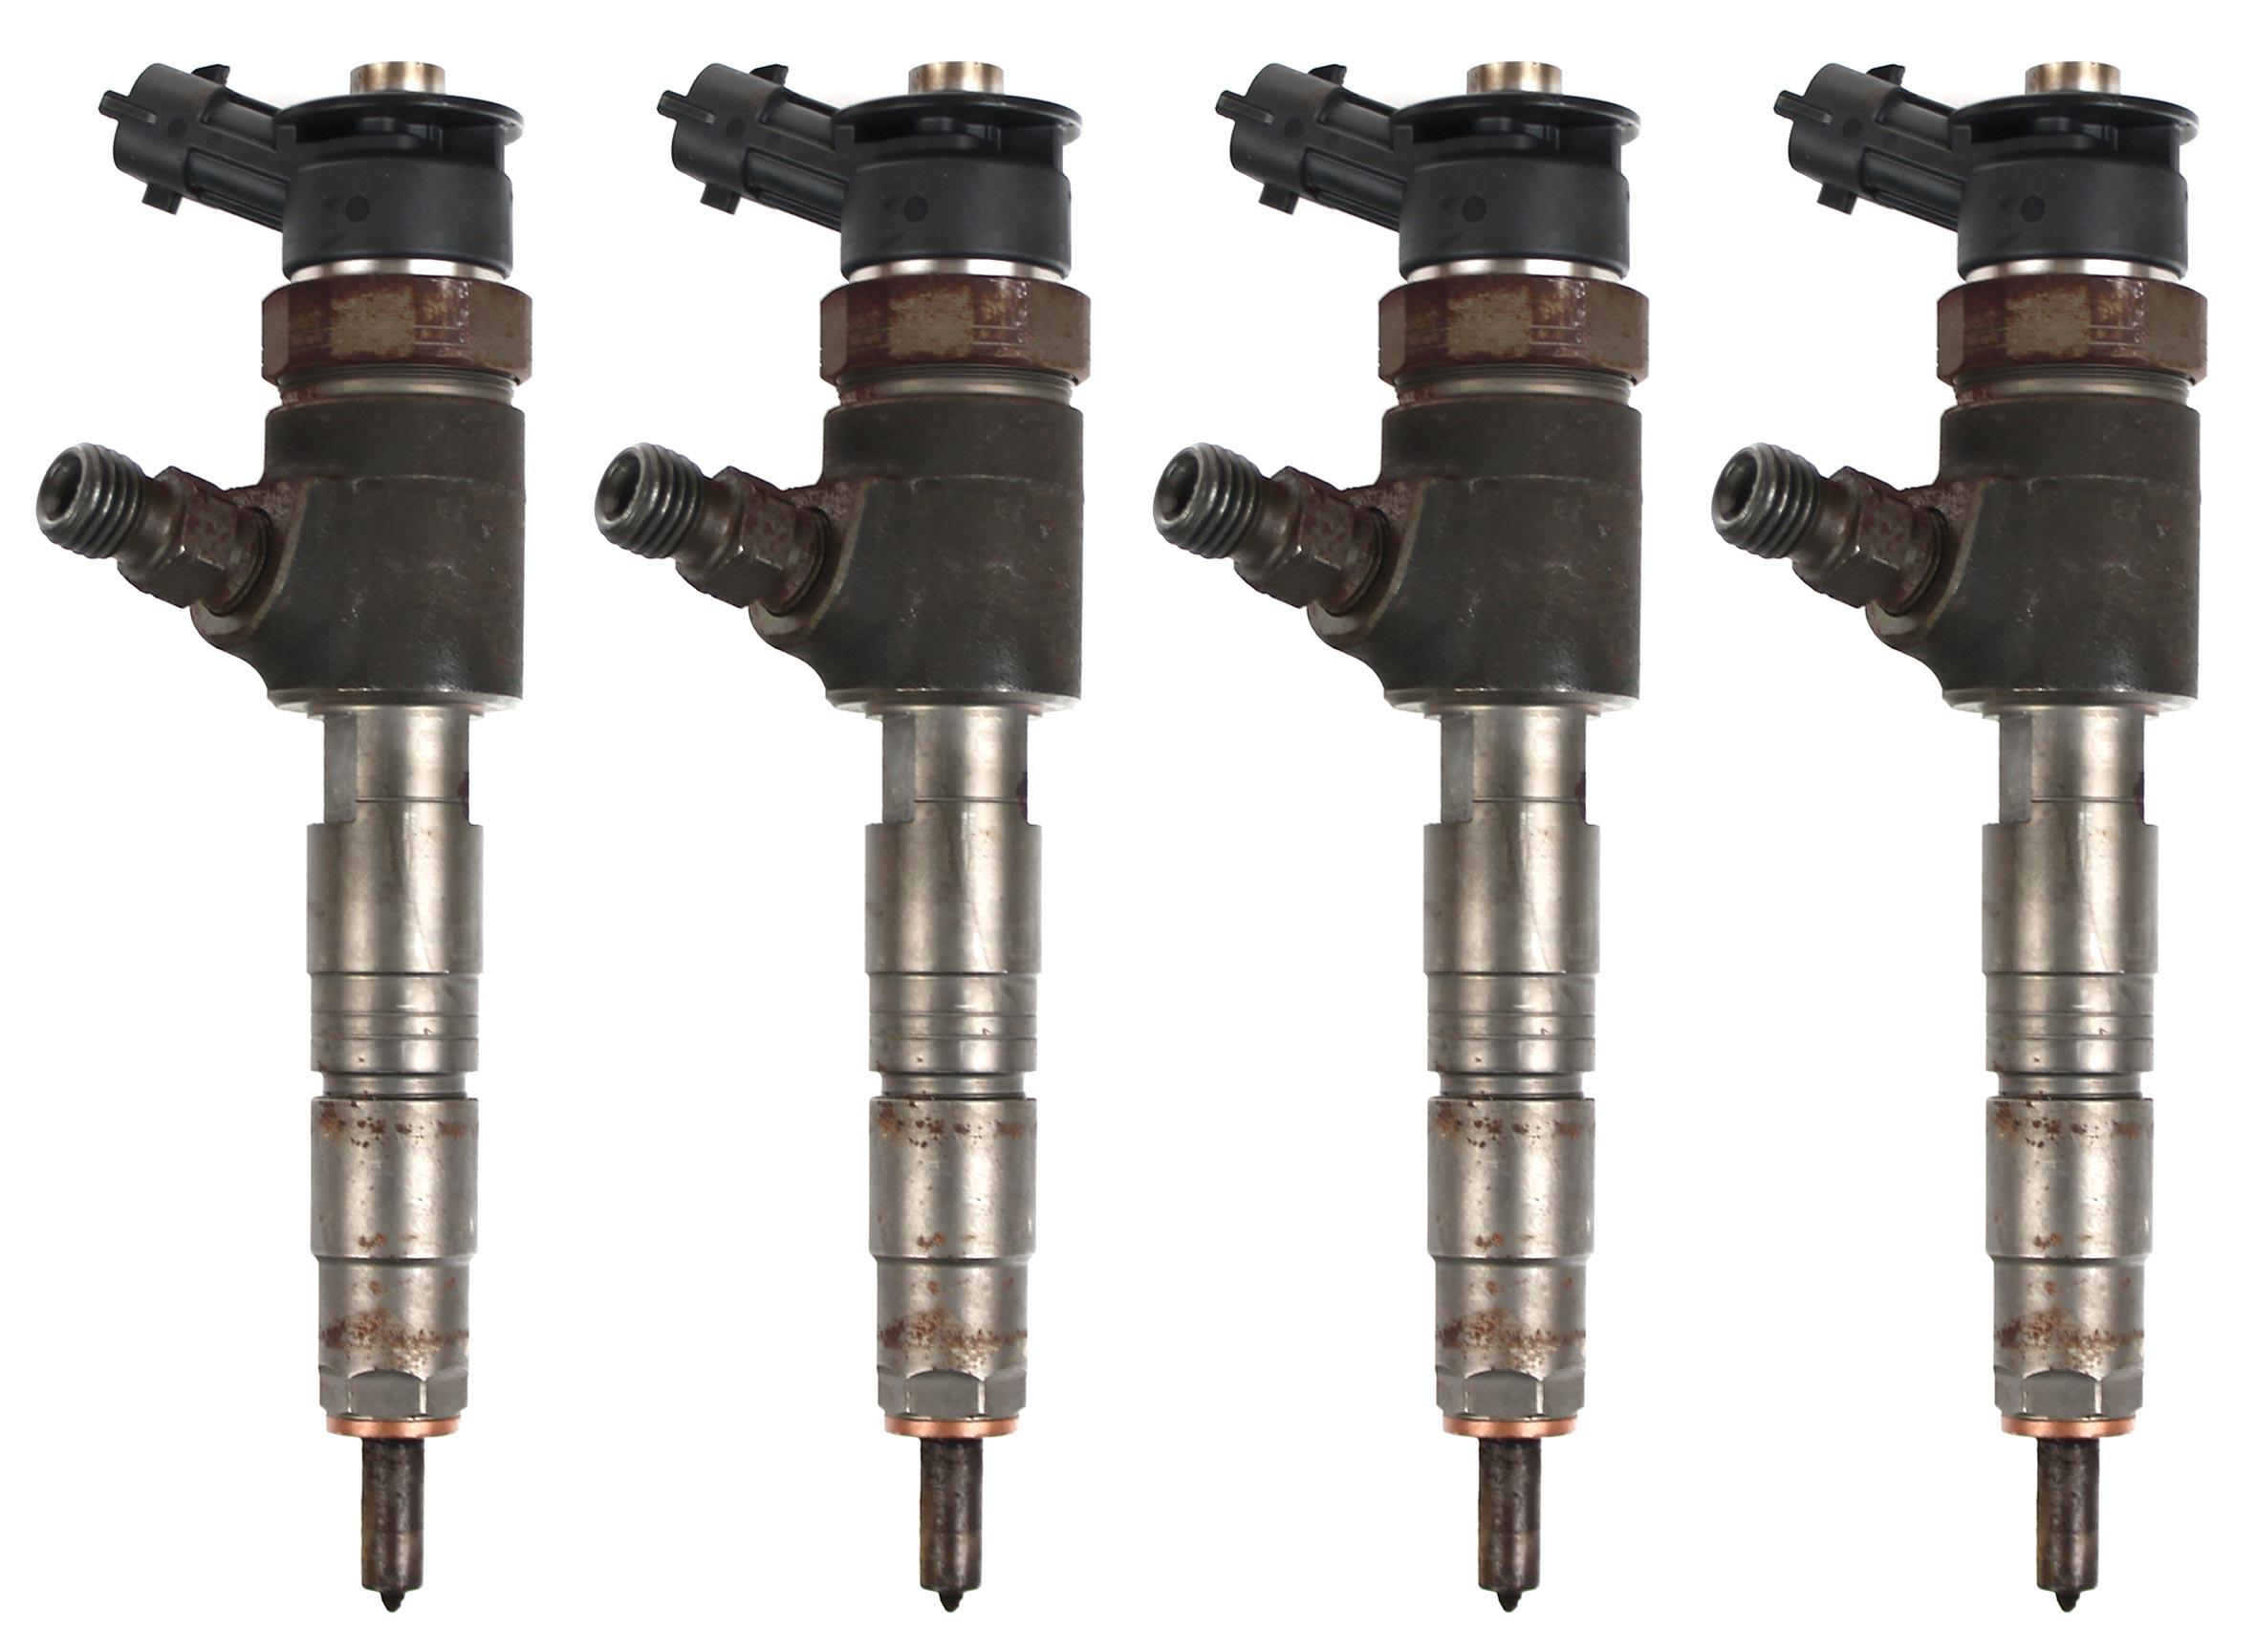 4x injector nozzle Citroen Fiat Ford Peugeot 1.6 D 0445110340 9687069280 1696927